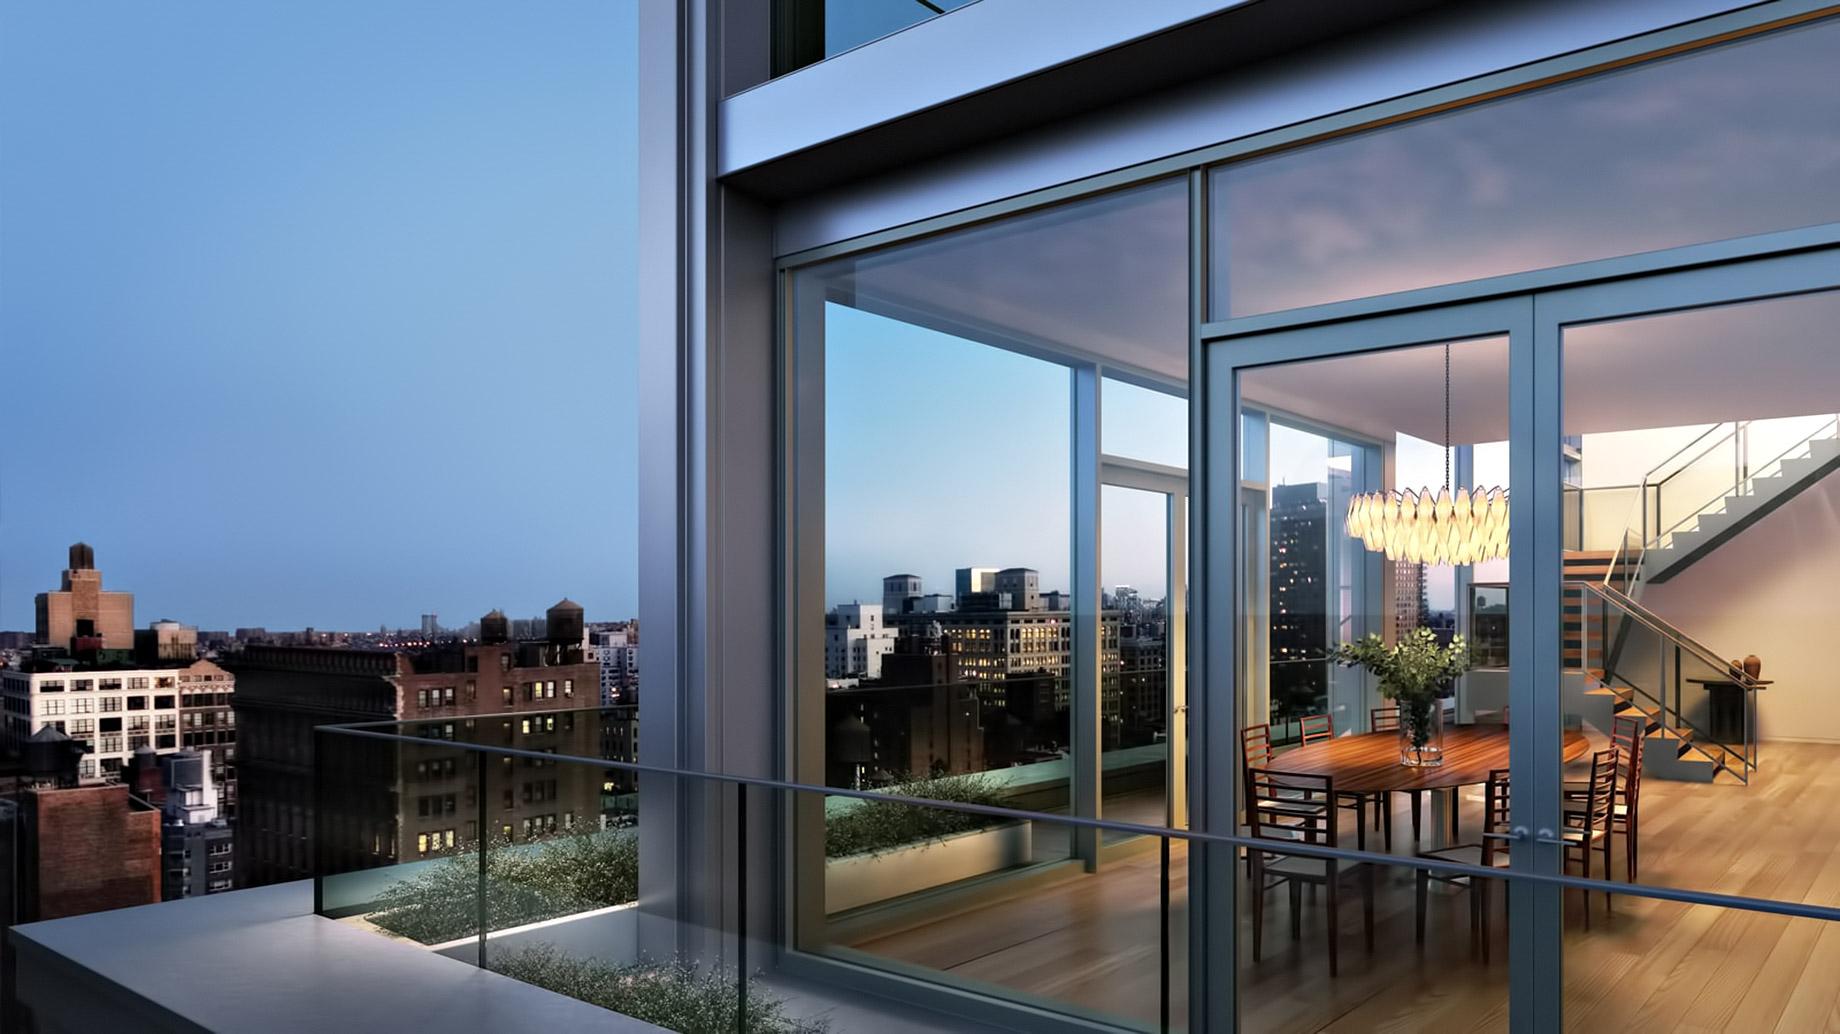 21 East 12th Street Luxury Condo Apartments - 21 E 12th St, New York, NY, USA